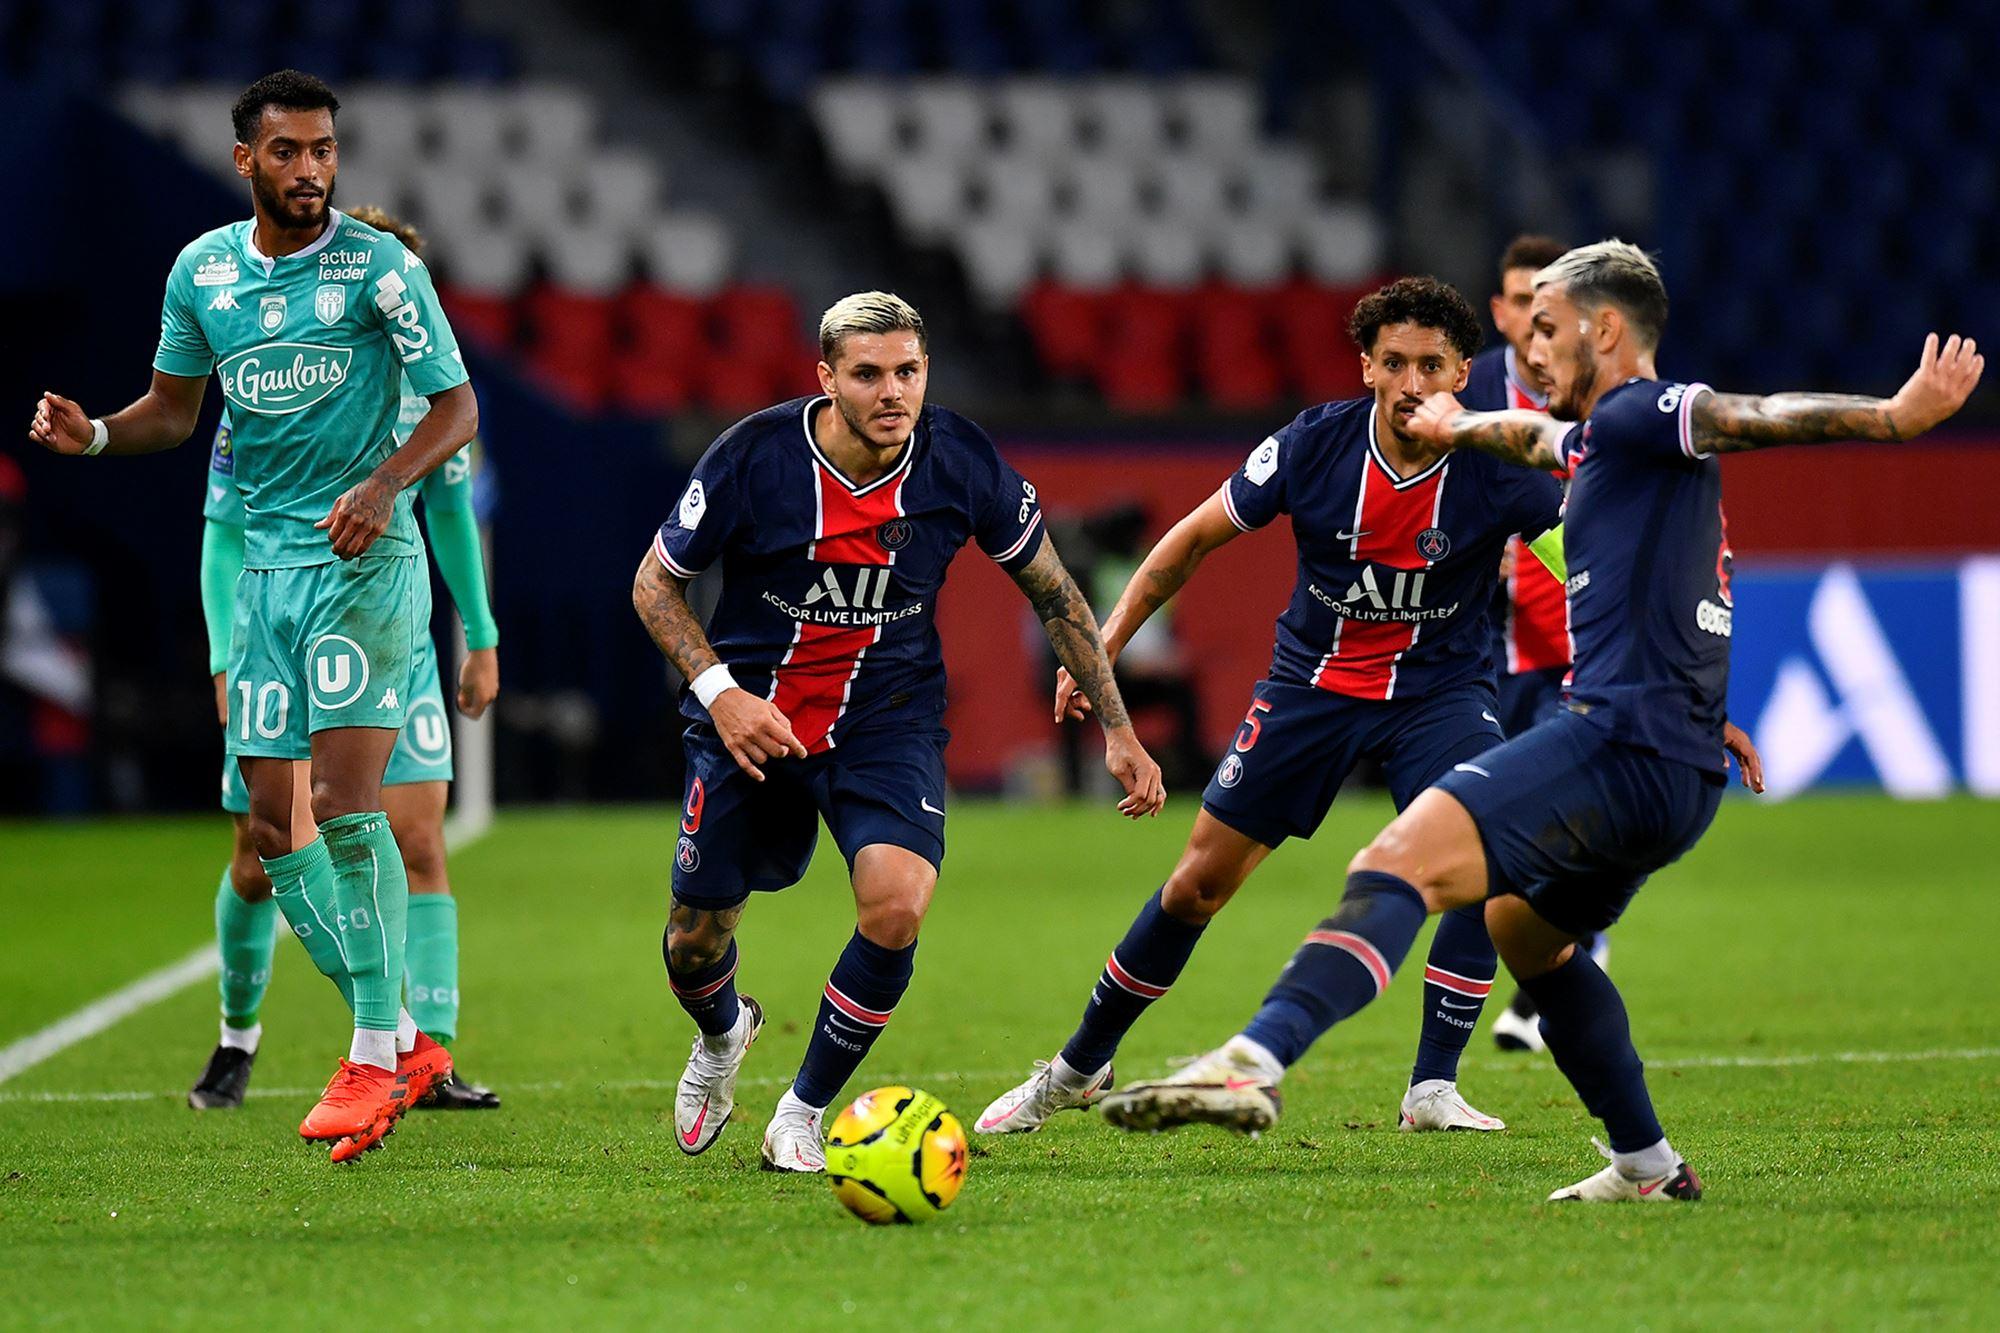 2021_PSG_Angers_IcardiParedesMarquinhosPSG - Histoire du #PSG